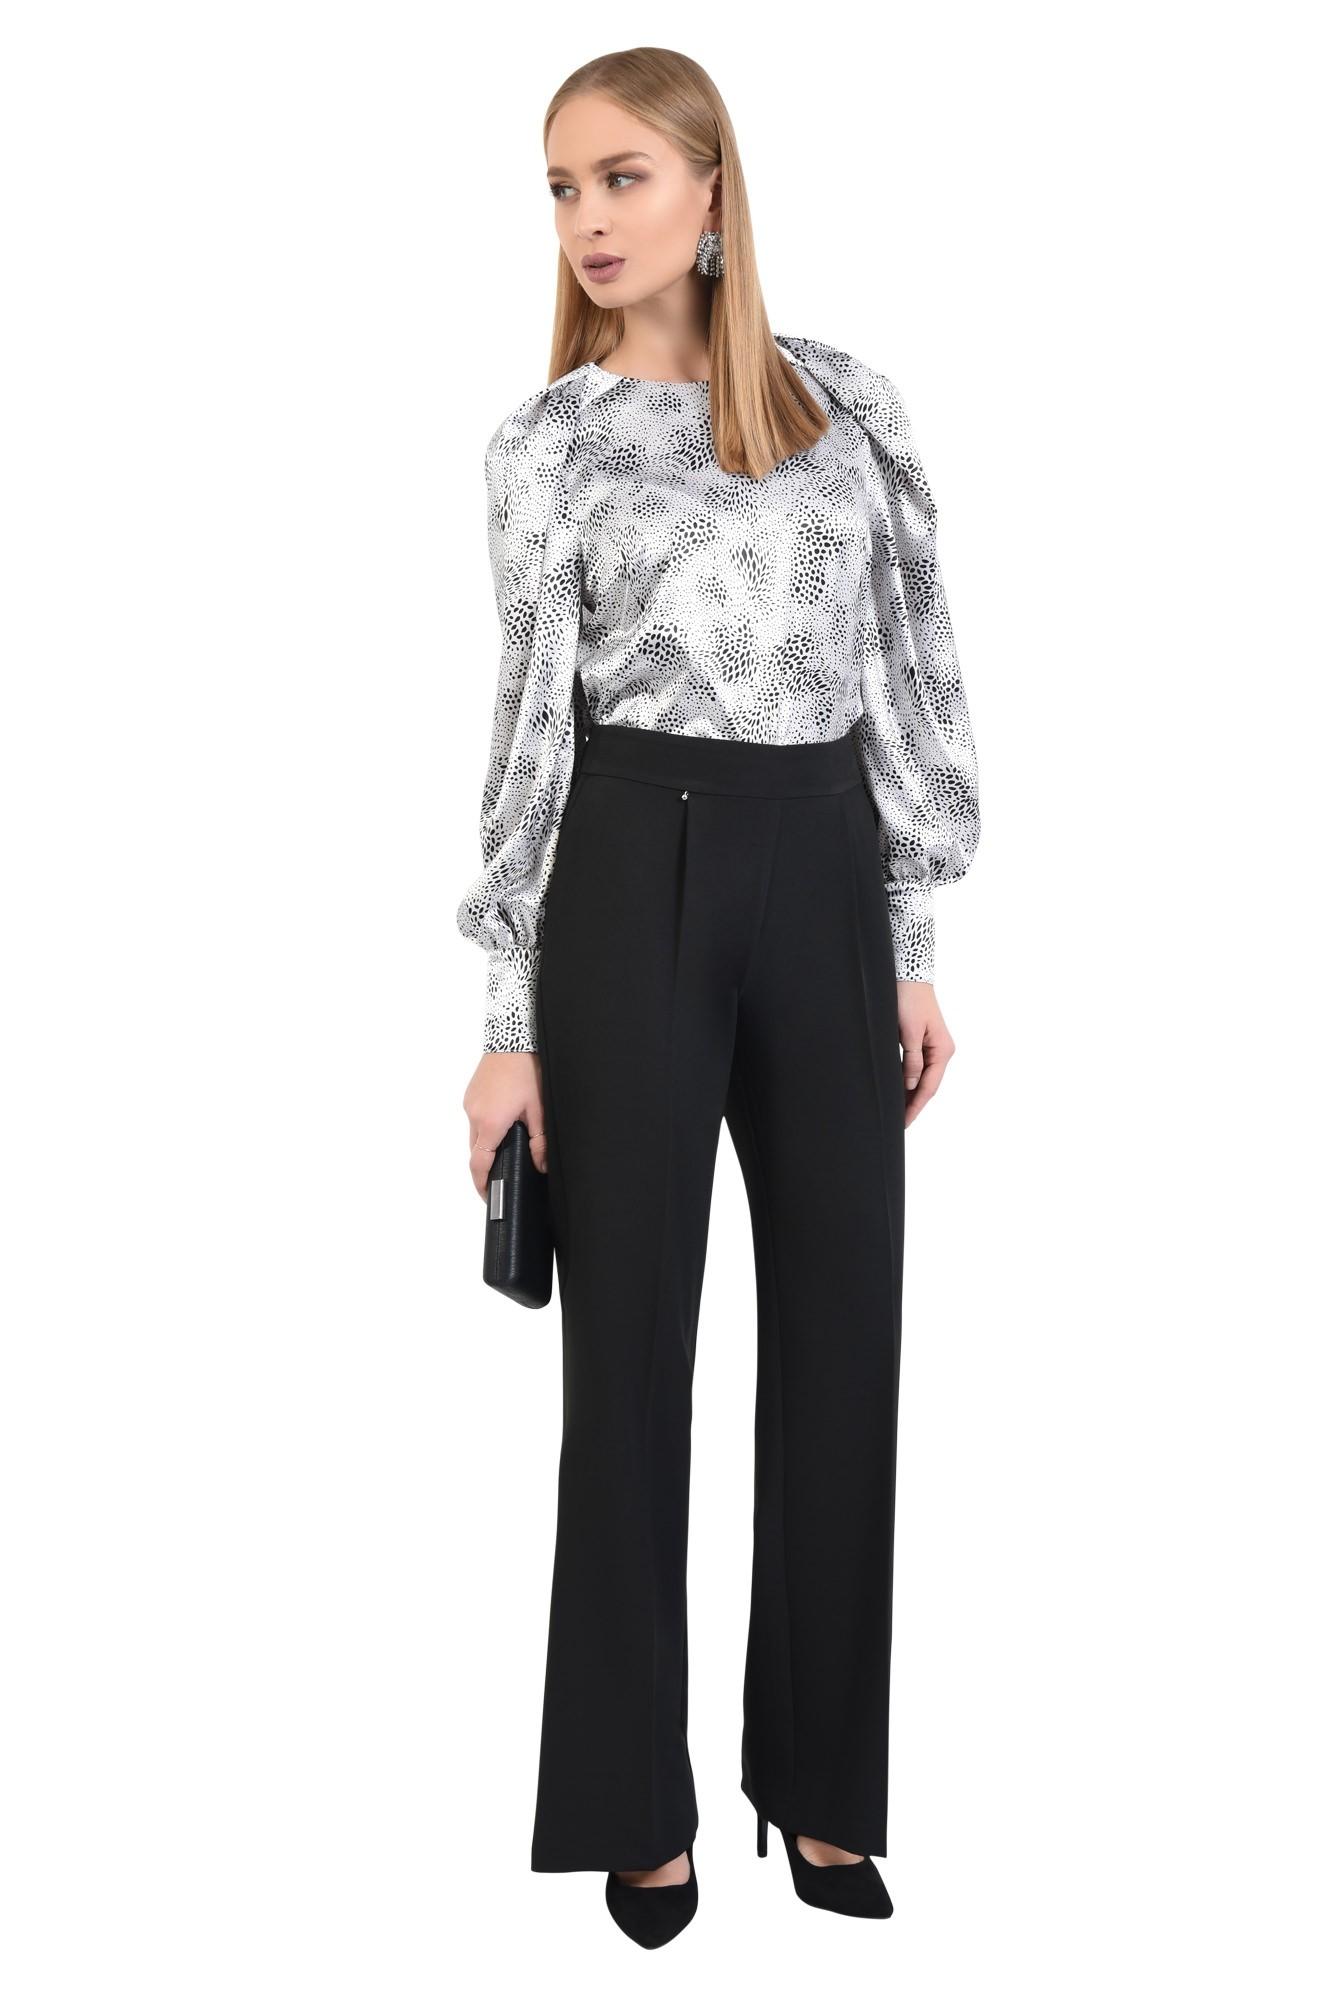 3 - 360 - bluza de ocazie, din satin, maneci fantezie, alb-negru